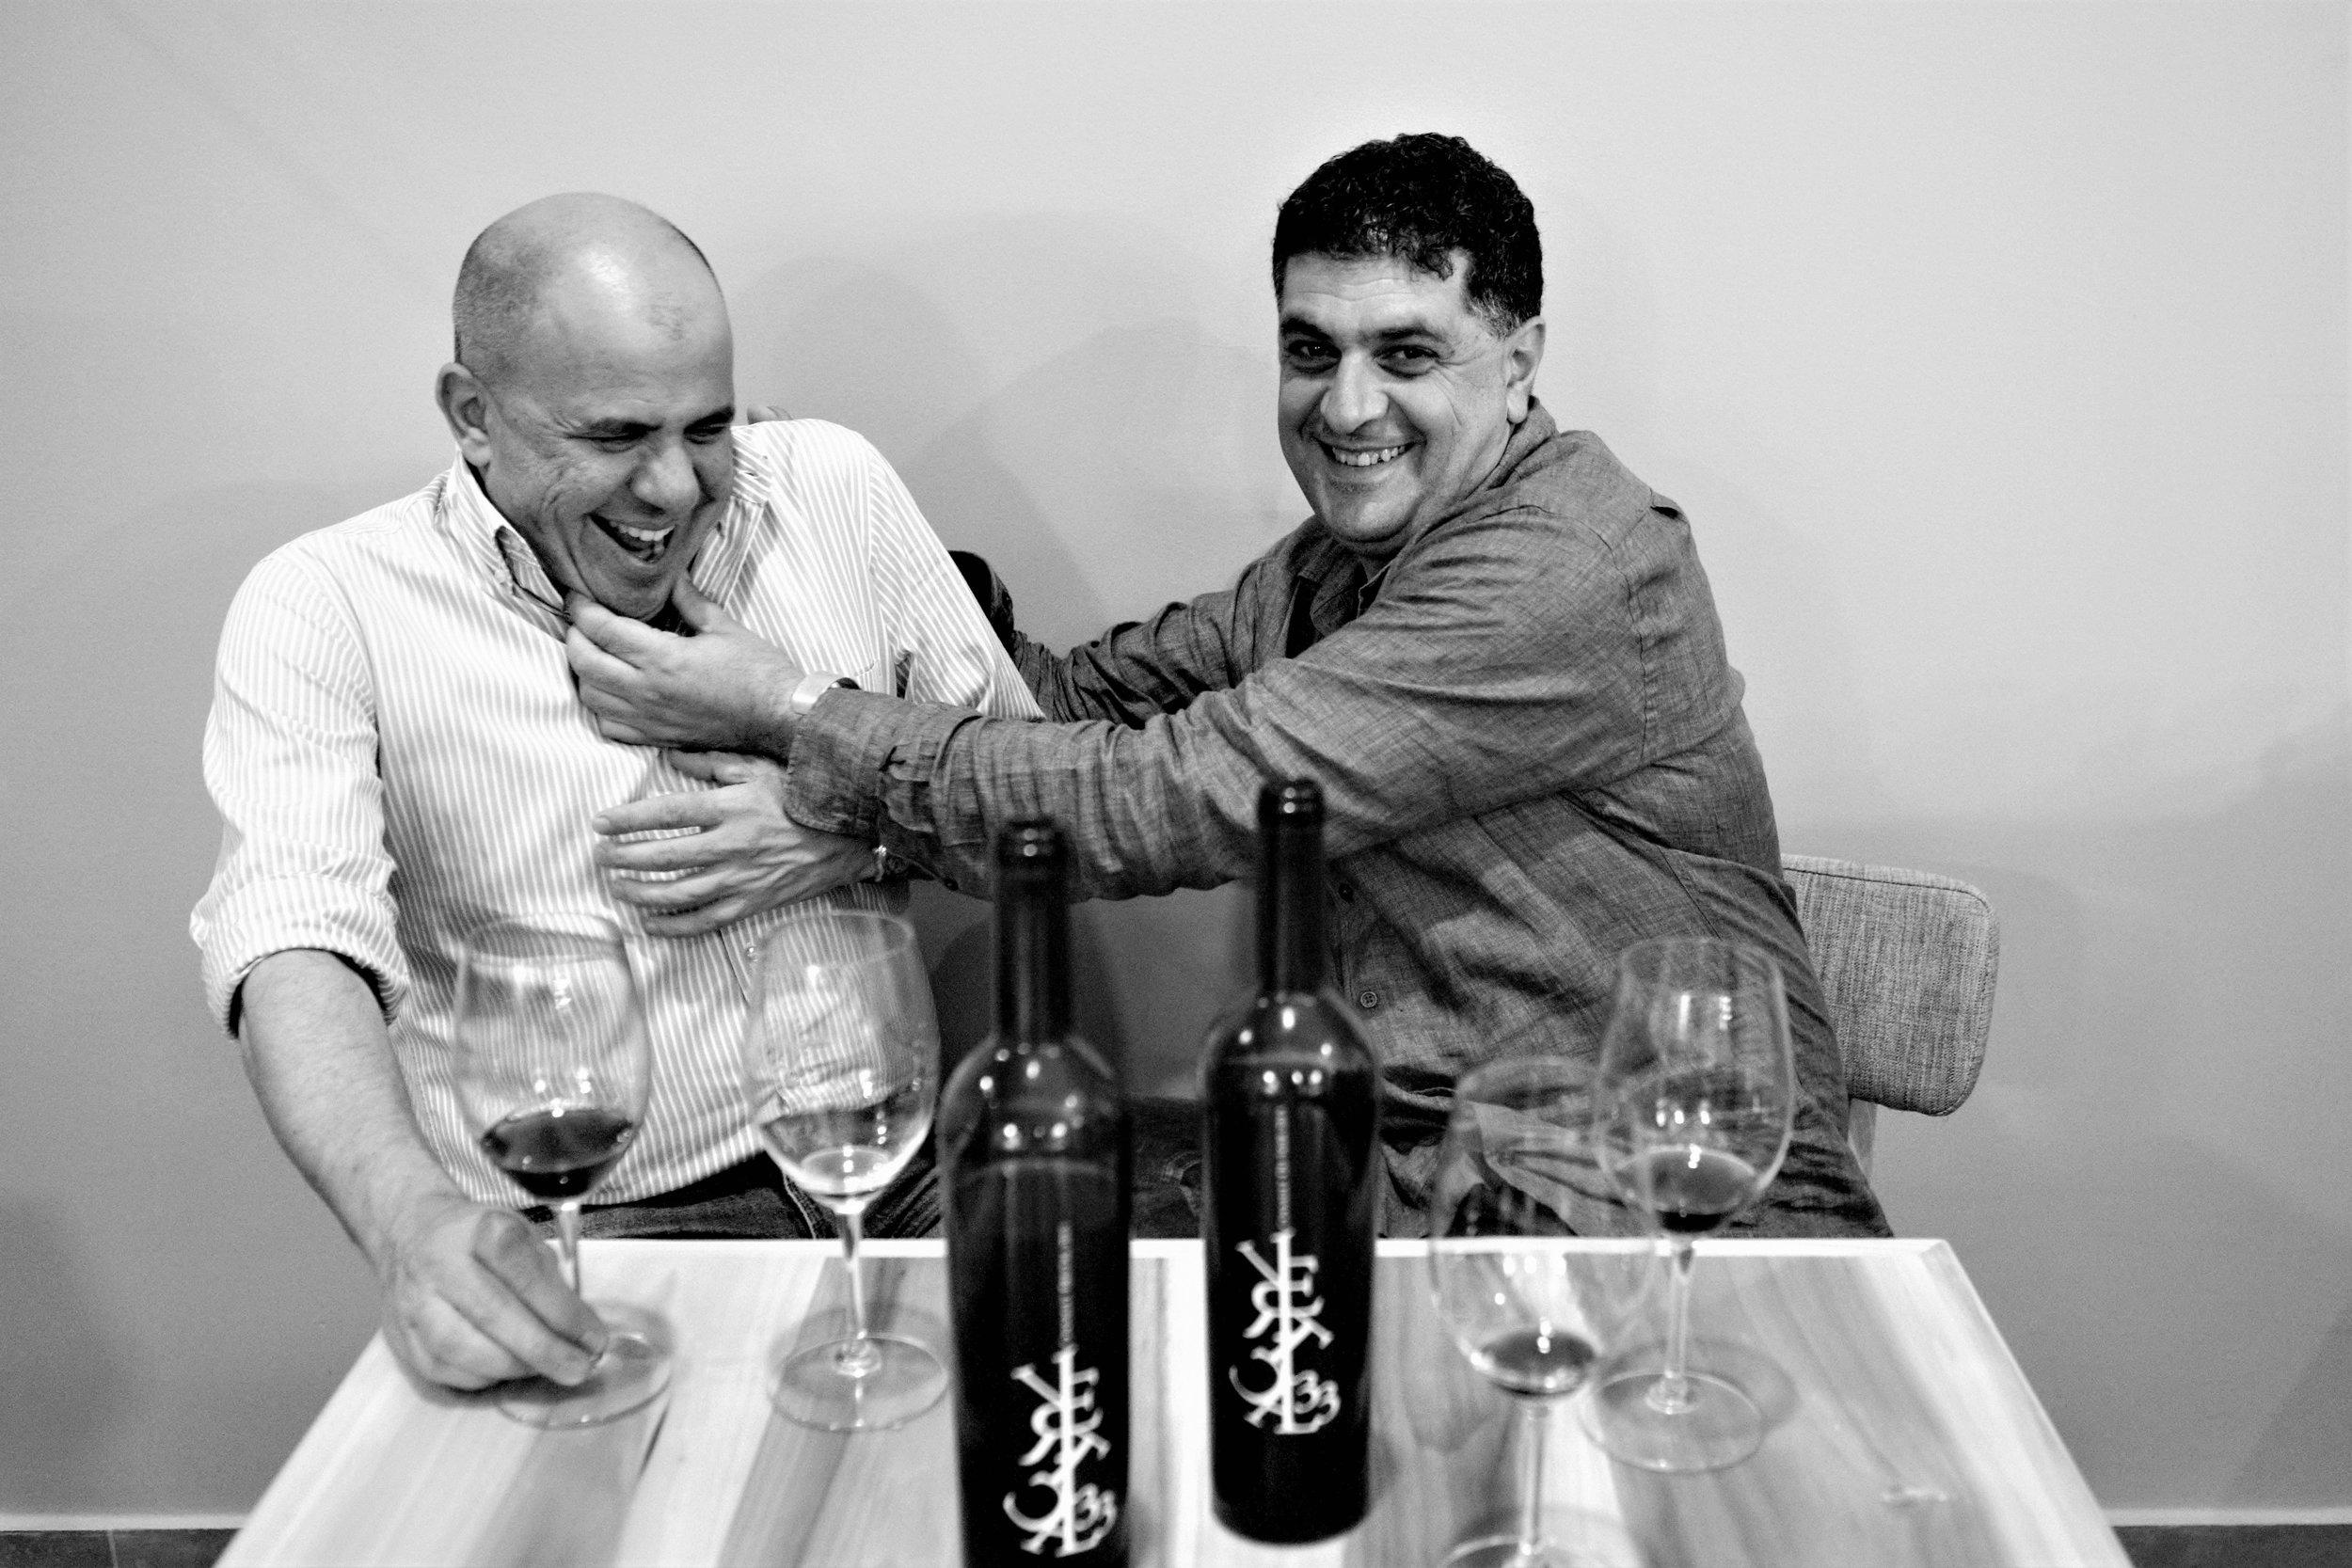 Dr. George A. Cortas und Dr. Eid Azar, zwei der drei Besitzer des noch sehr jungen Weingutes Vertical 33.